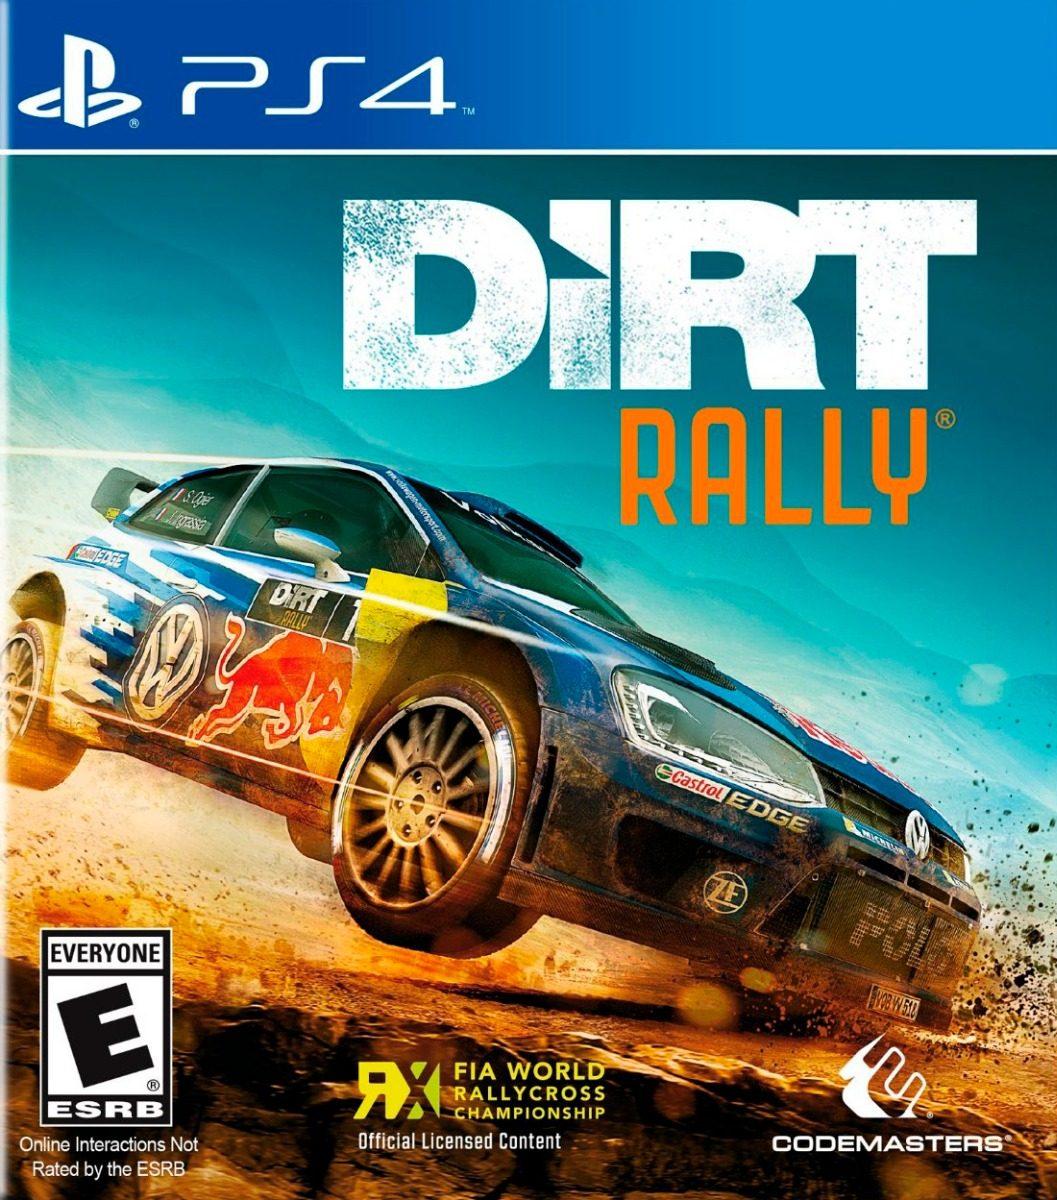 Juego Ps4 Dirt Rally Fisico Sellado Envio Gratis 2 693 46 En